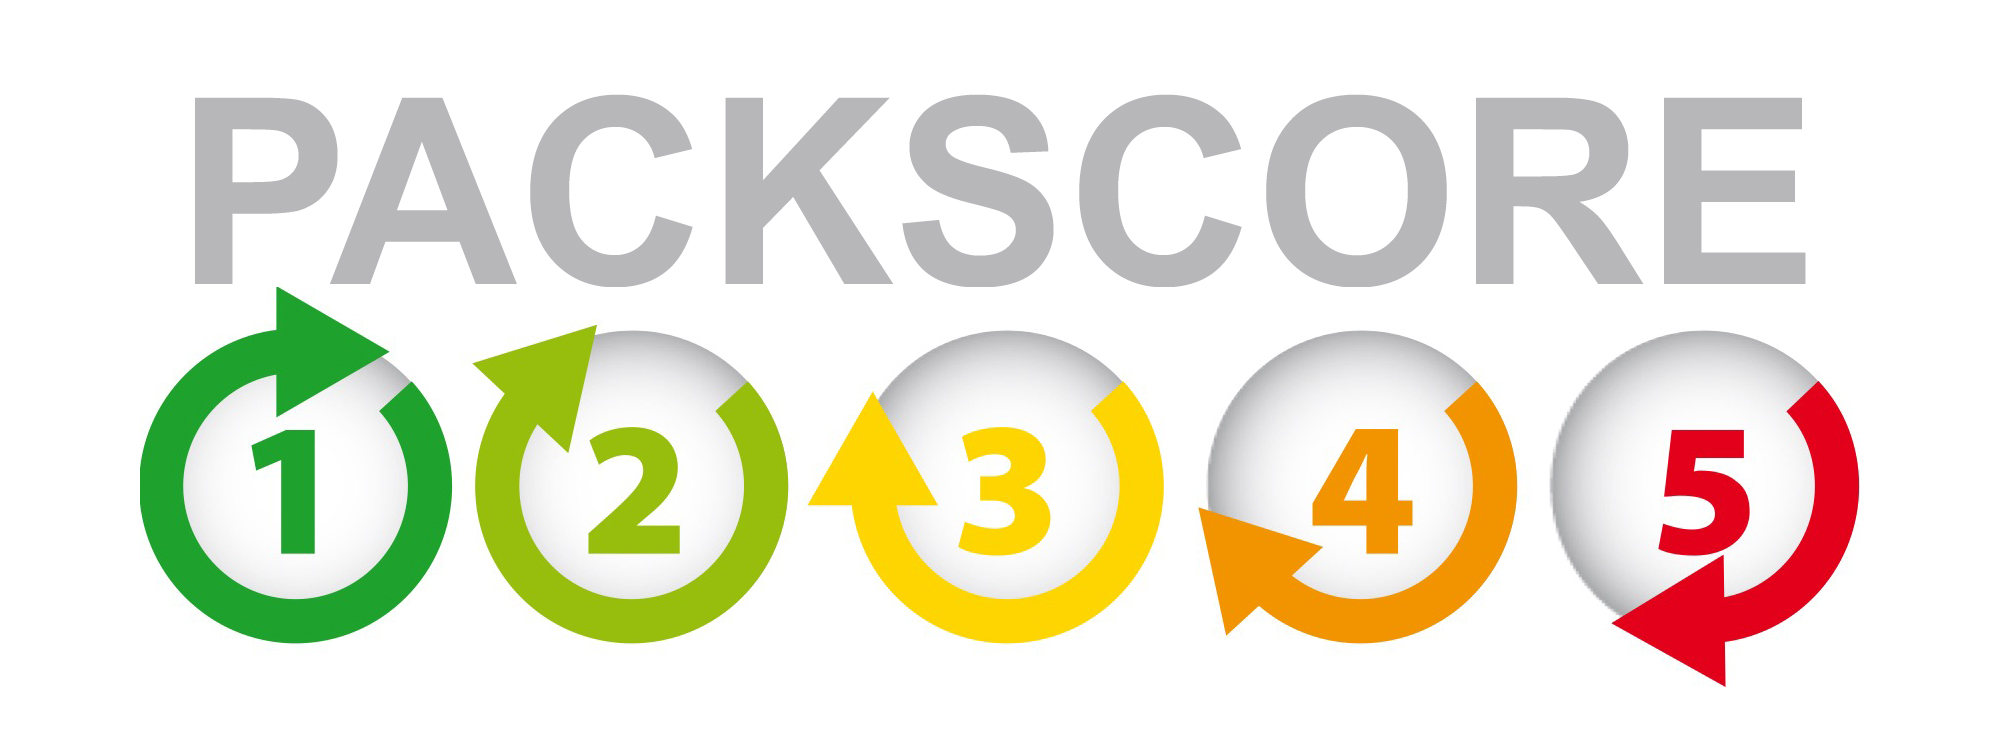 packscore 1 - Le PACKSCORE, une innovation pour mieux emballer demain !